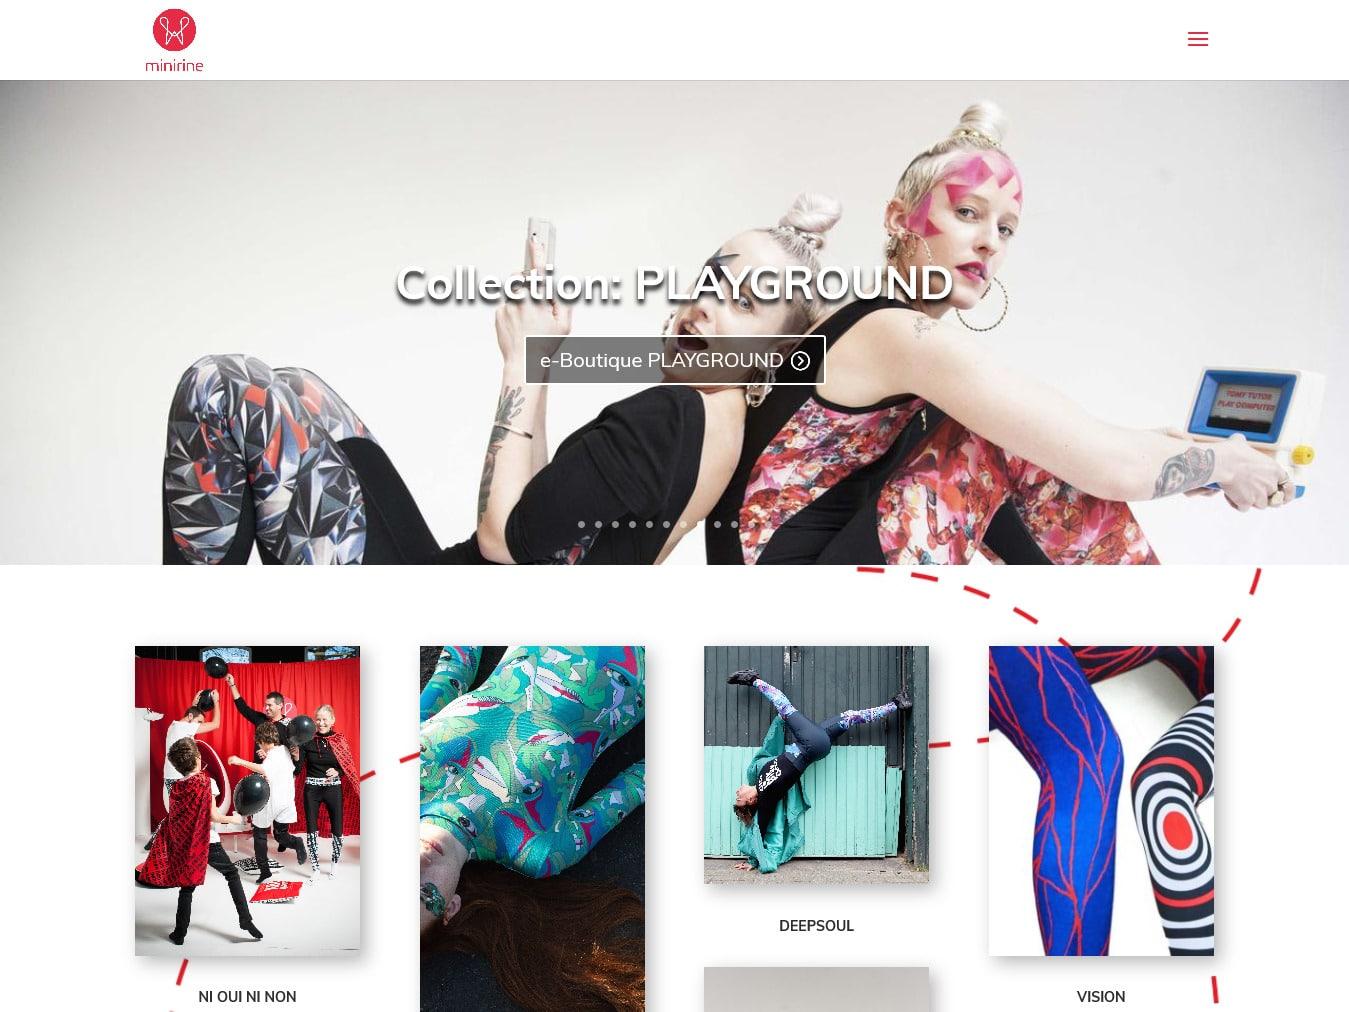 collection_rogné_minirine_julien